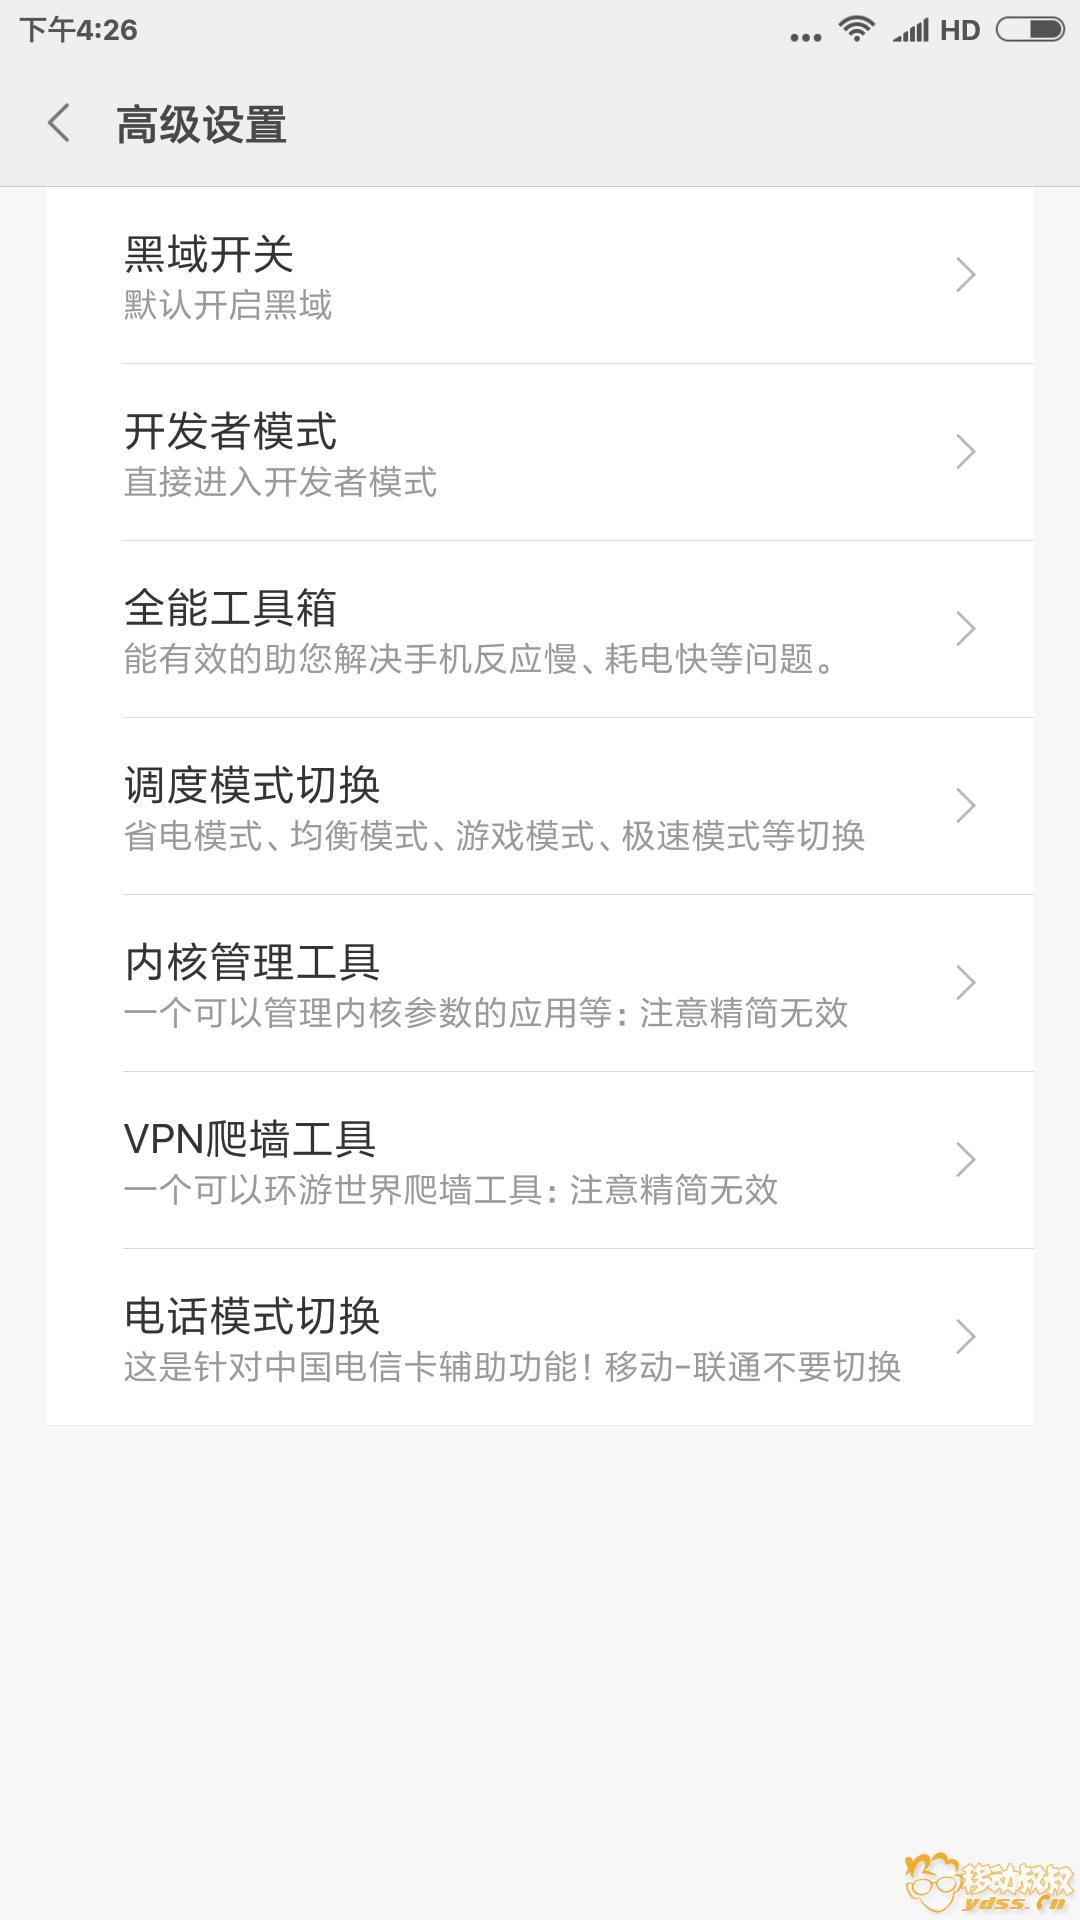 Screenshot_2018-05-19-16-26-53-689_com.makelove.settings.png